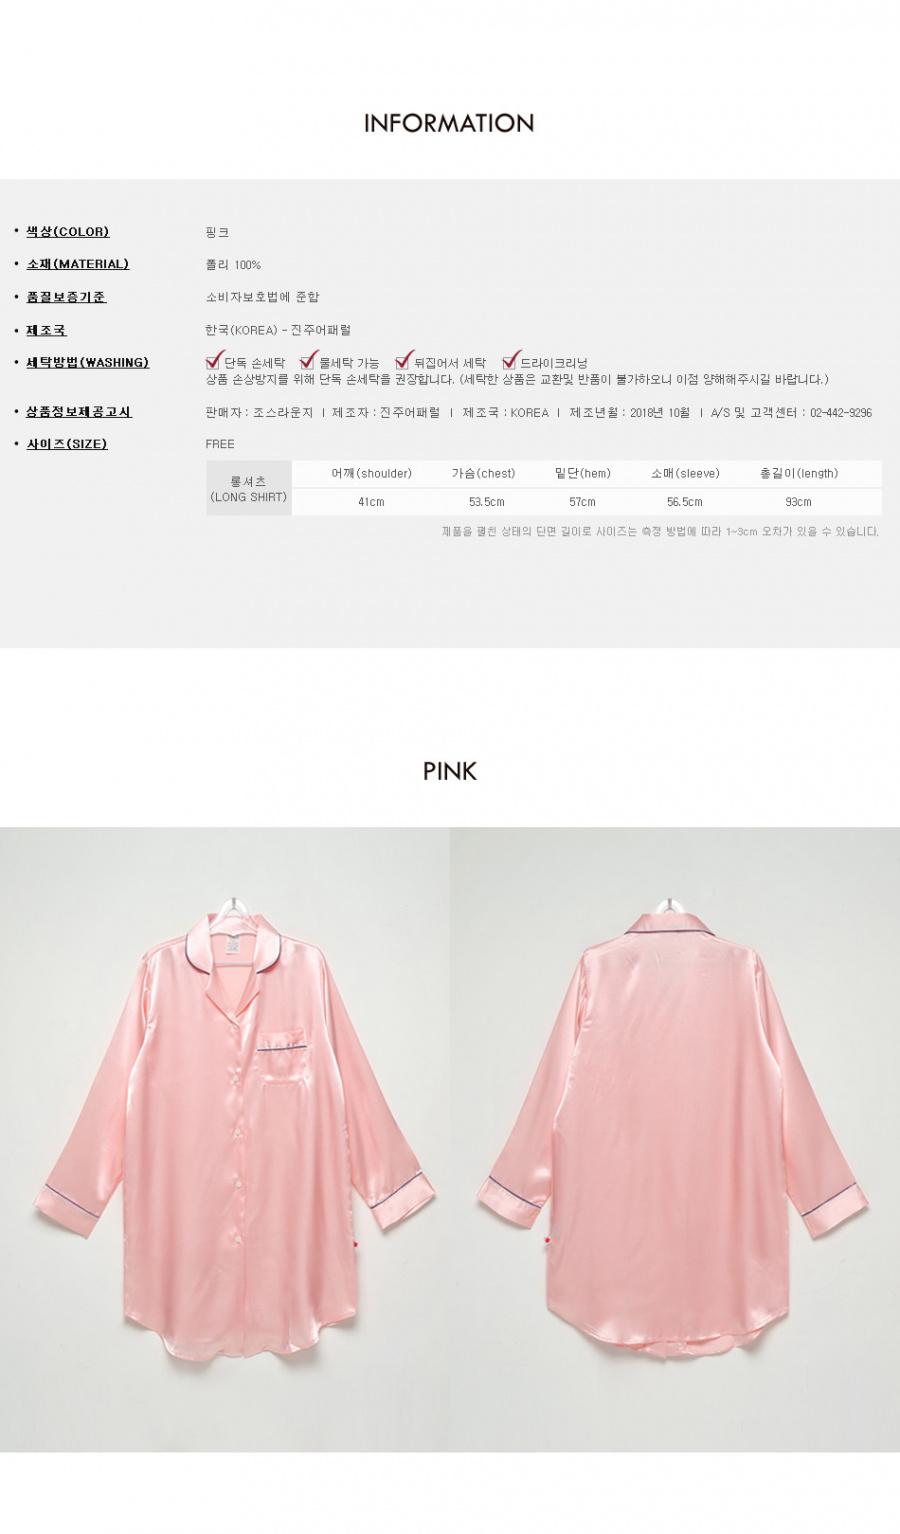 조스라운지(JOSLOUNGE) [여성] 샤샤 긴팔 롱셔츠 핑크